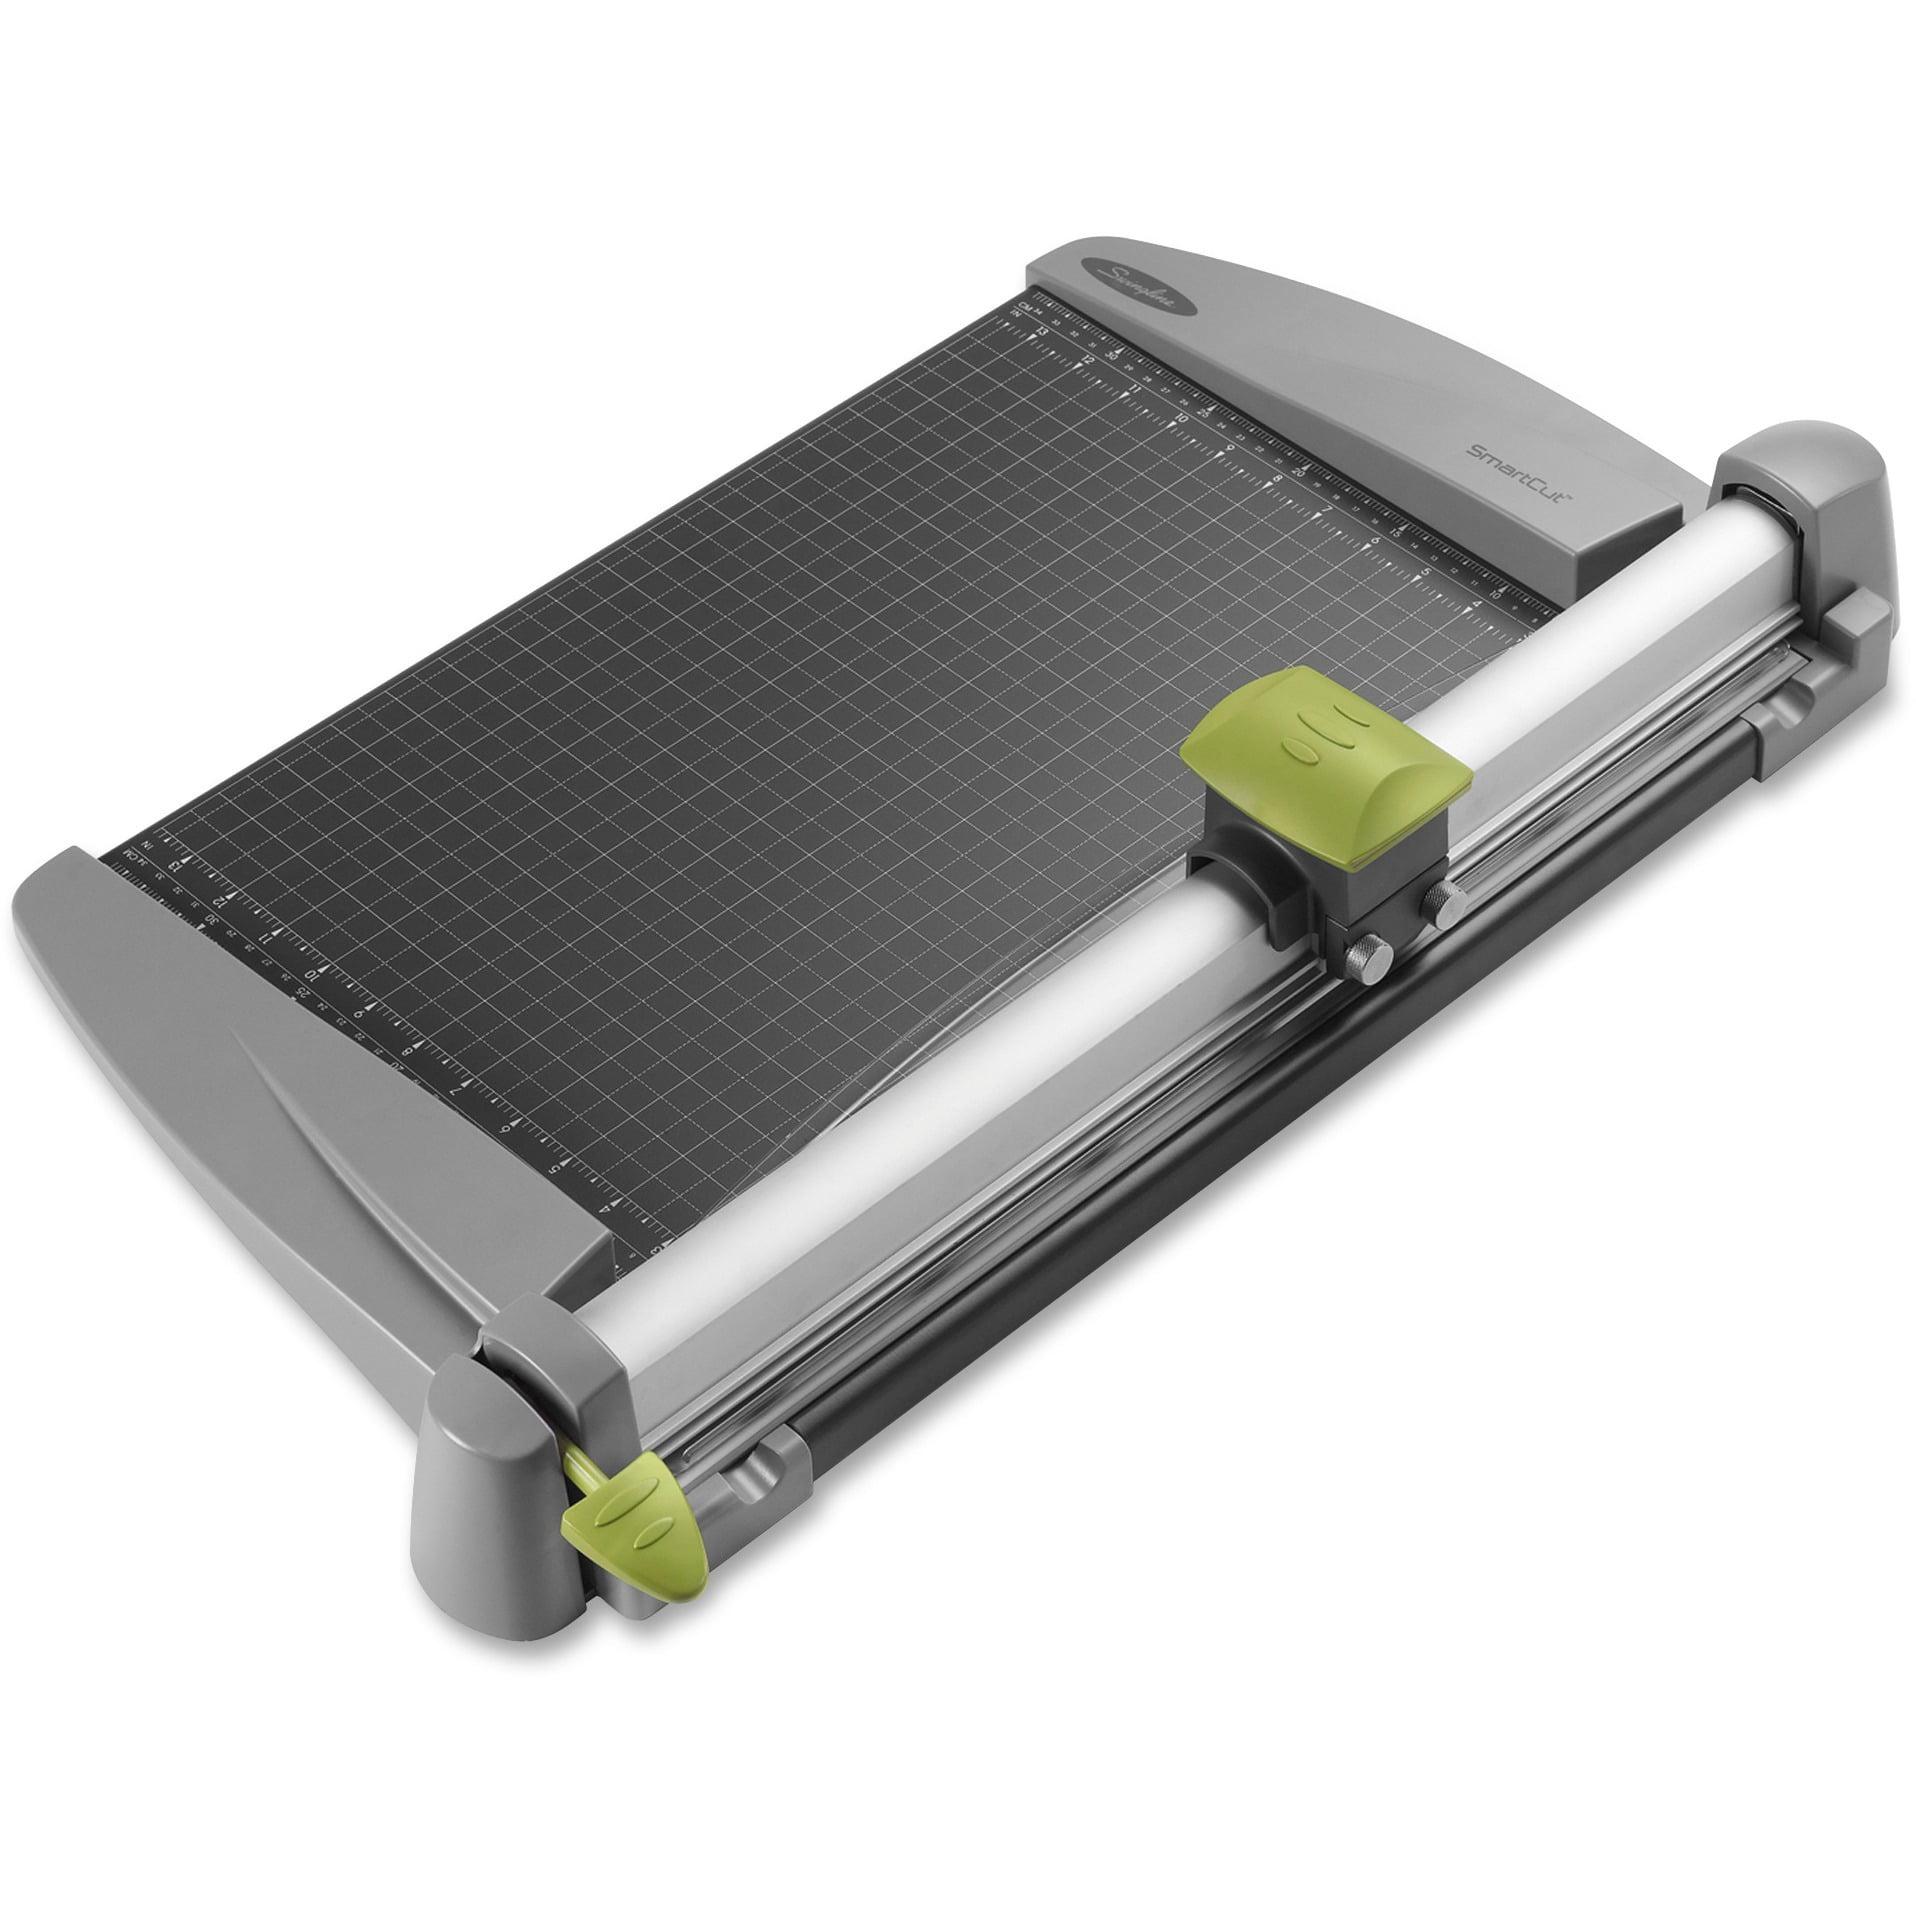 Swingline, SWI9618, SmartCut Heavy-duty Rotary Paper Trimmer, 1 Each, Dark Gray